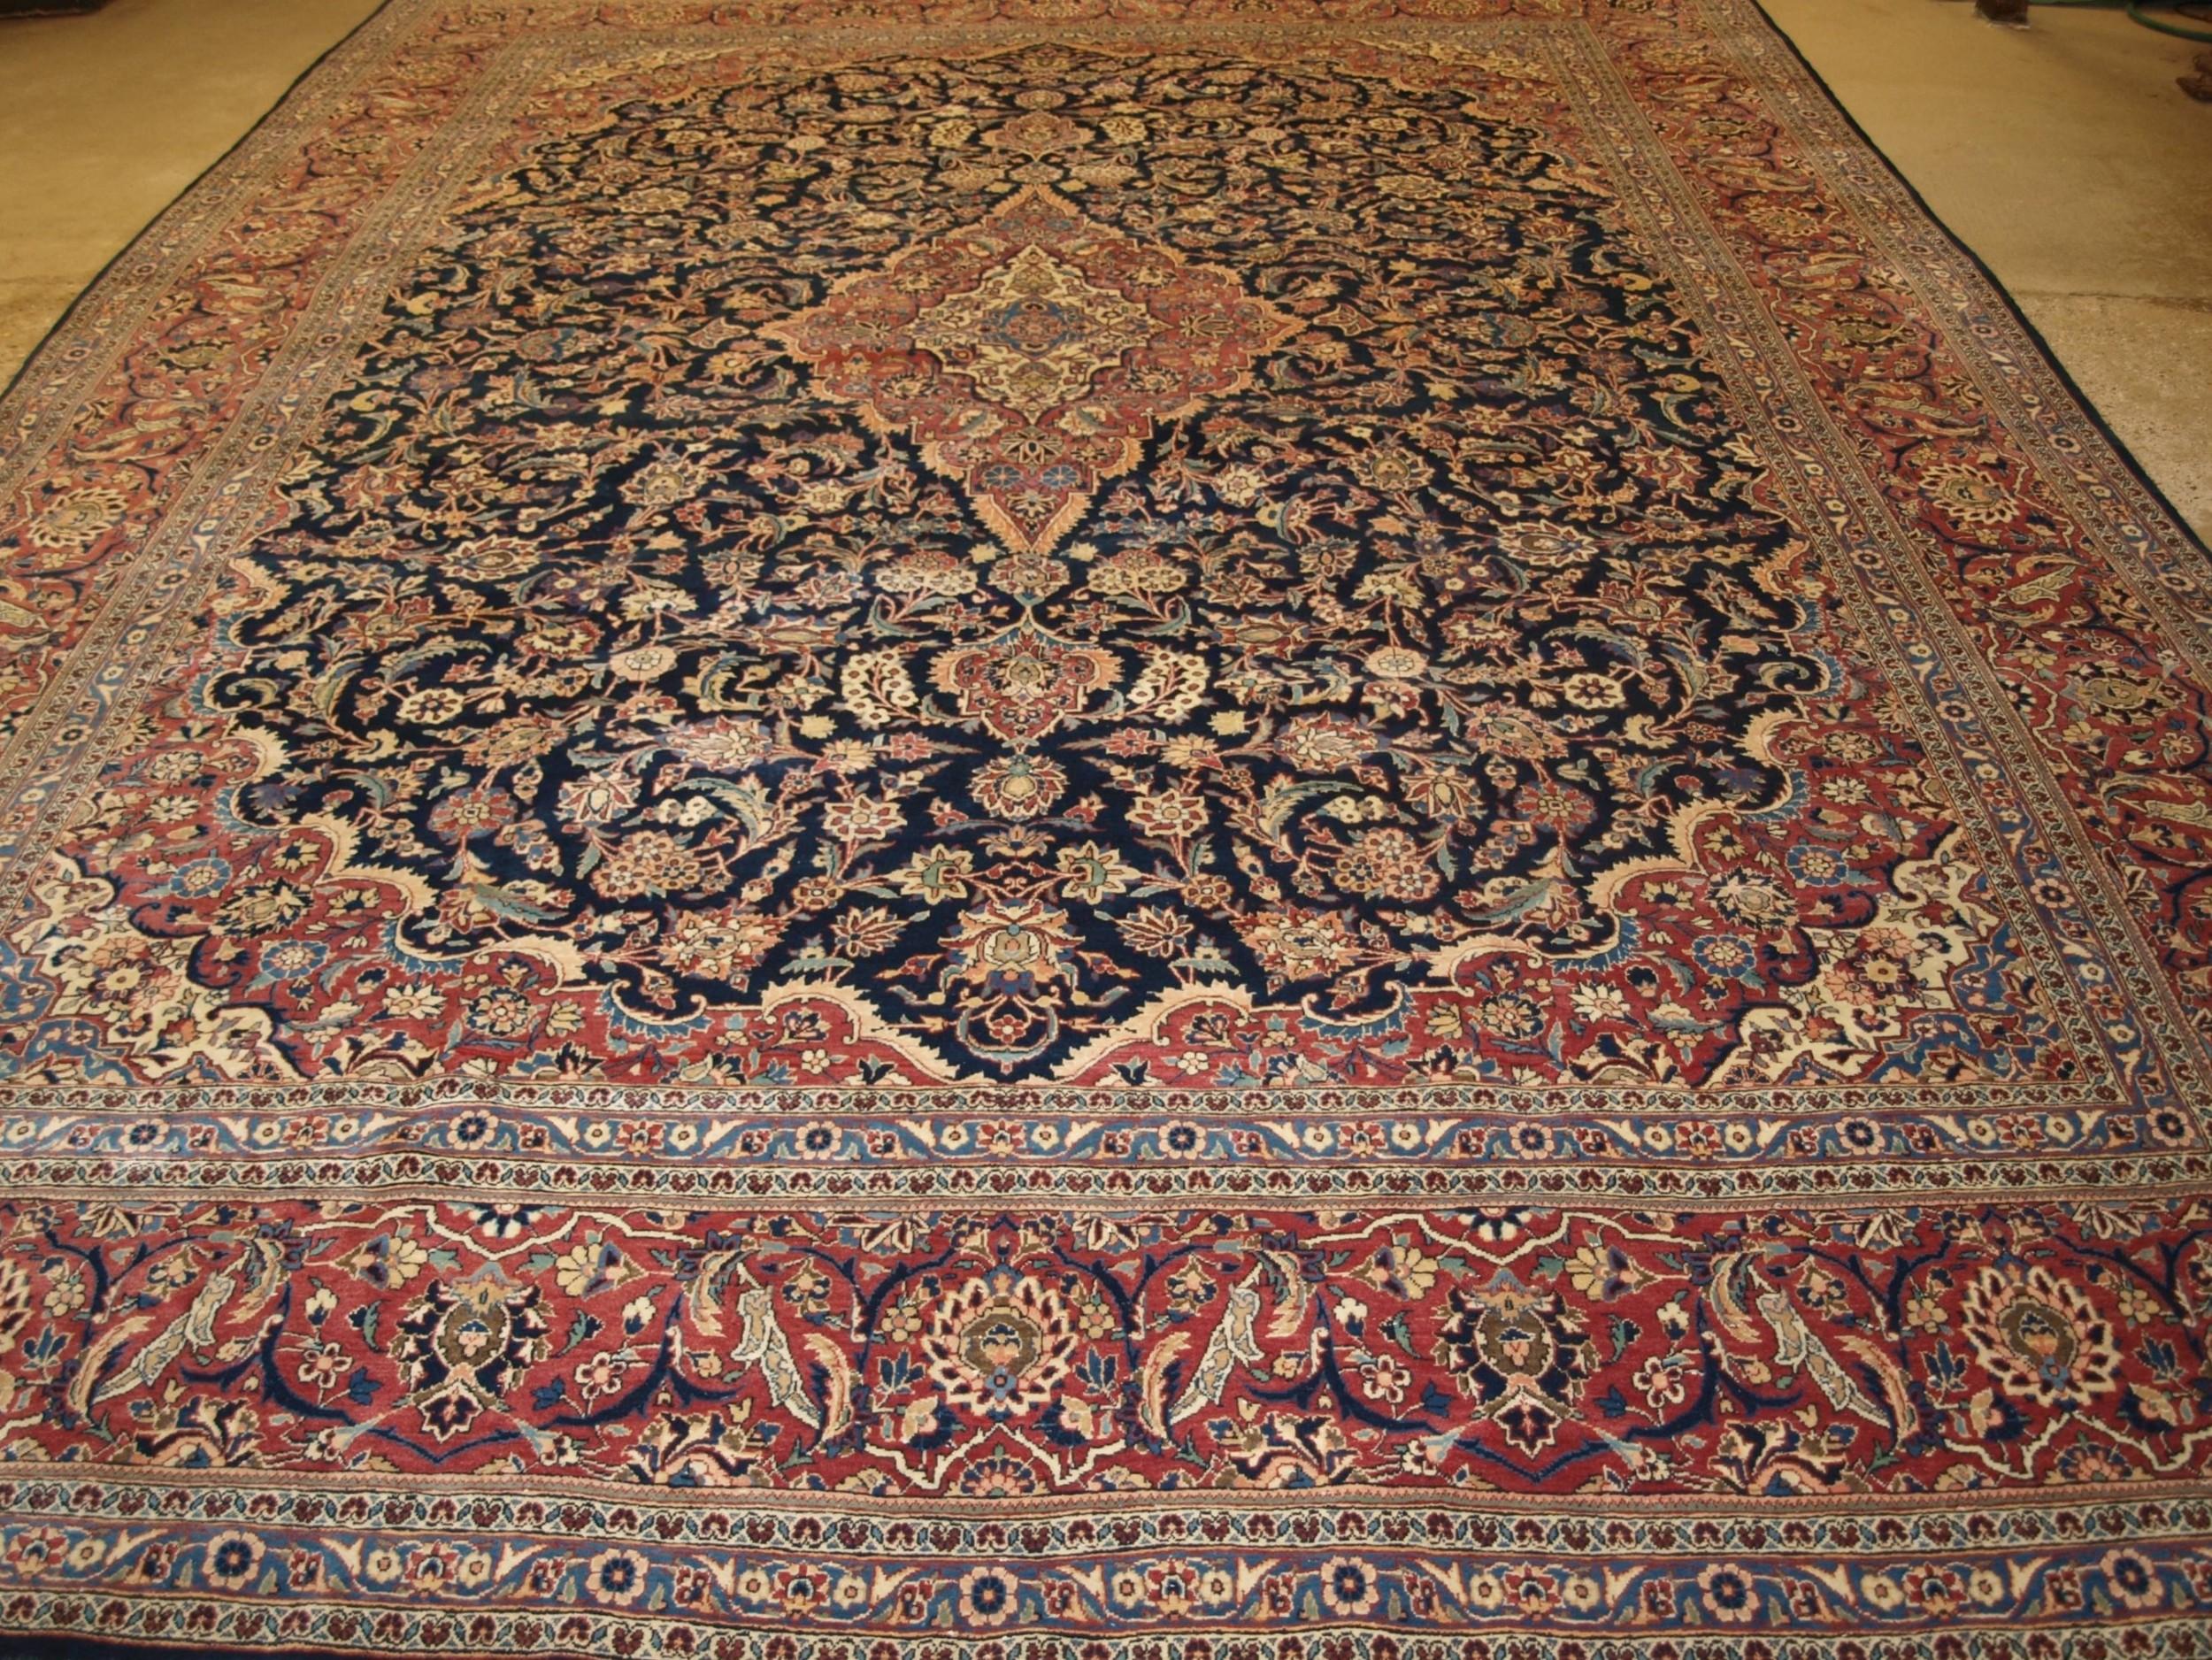 antique persian kashan carpet of classic medallion design circa 190020